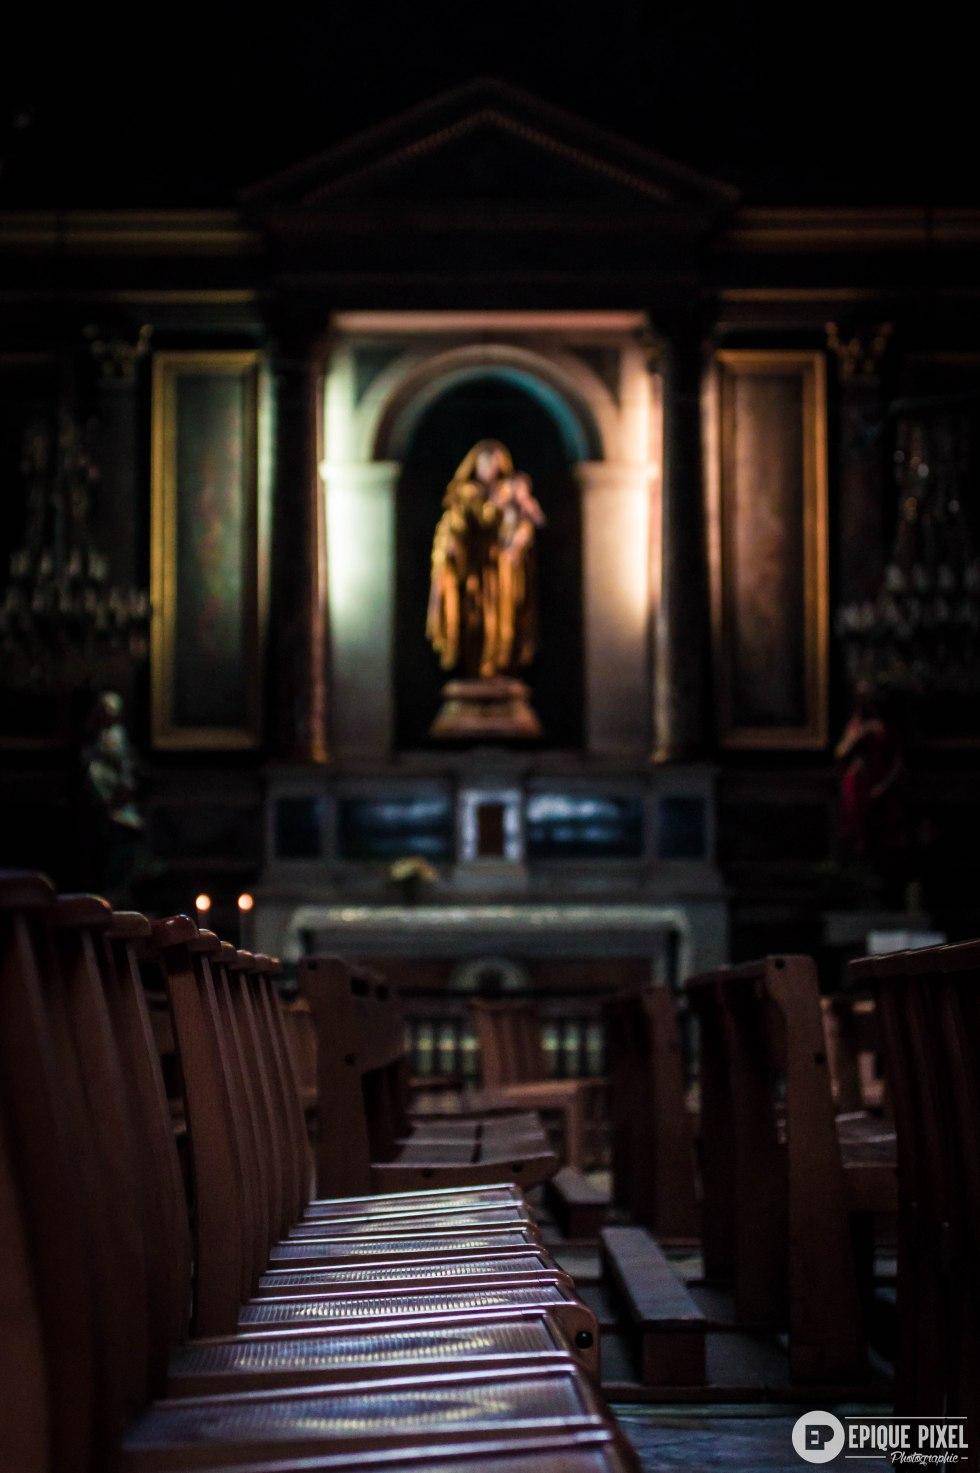 eglise interieur france shooting photographie photo epiquepixel alexis clunet ville cathédrale pentax urbain religieux batiments